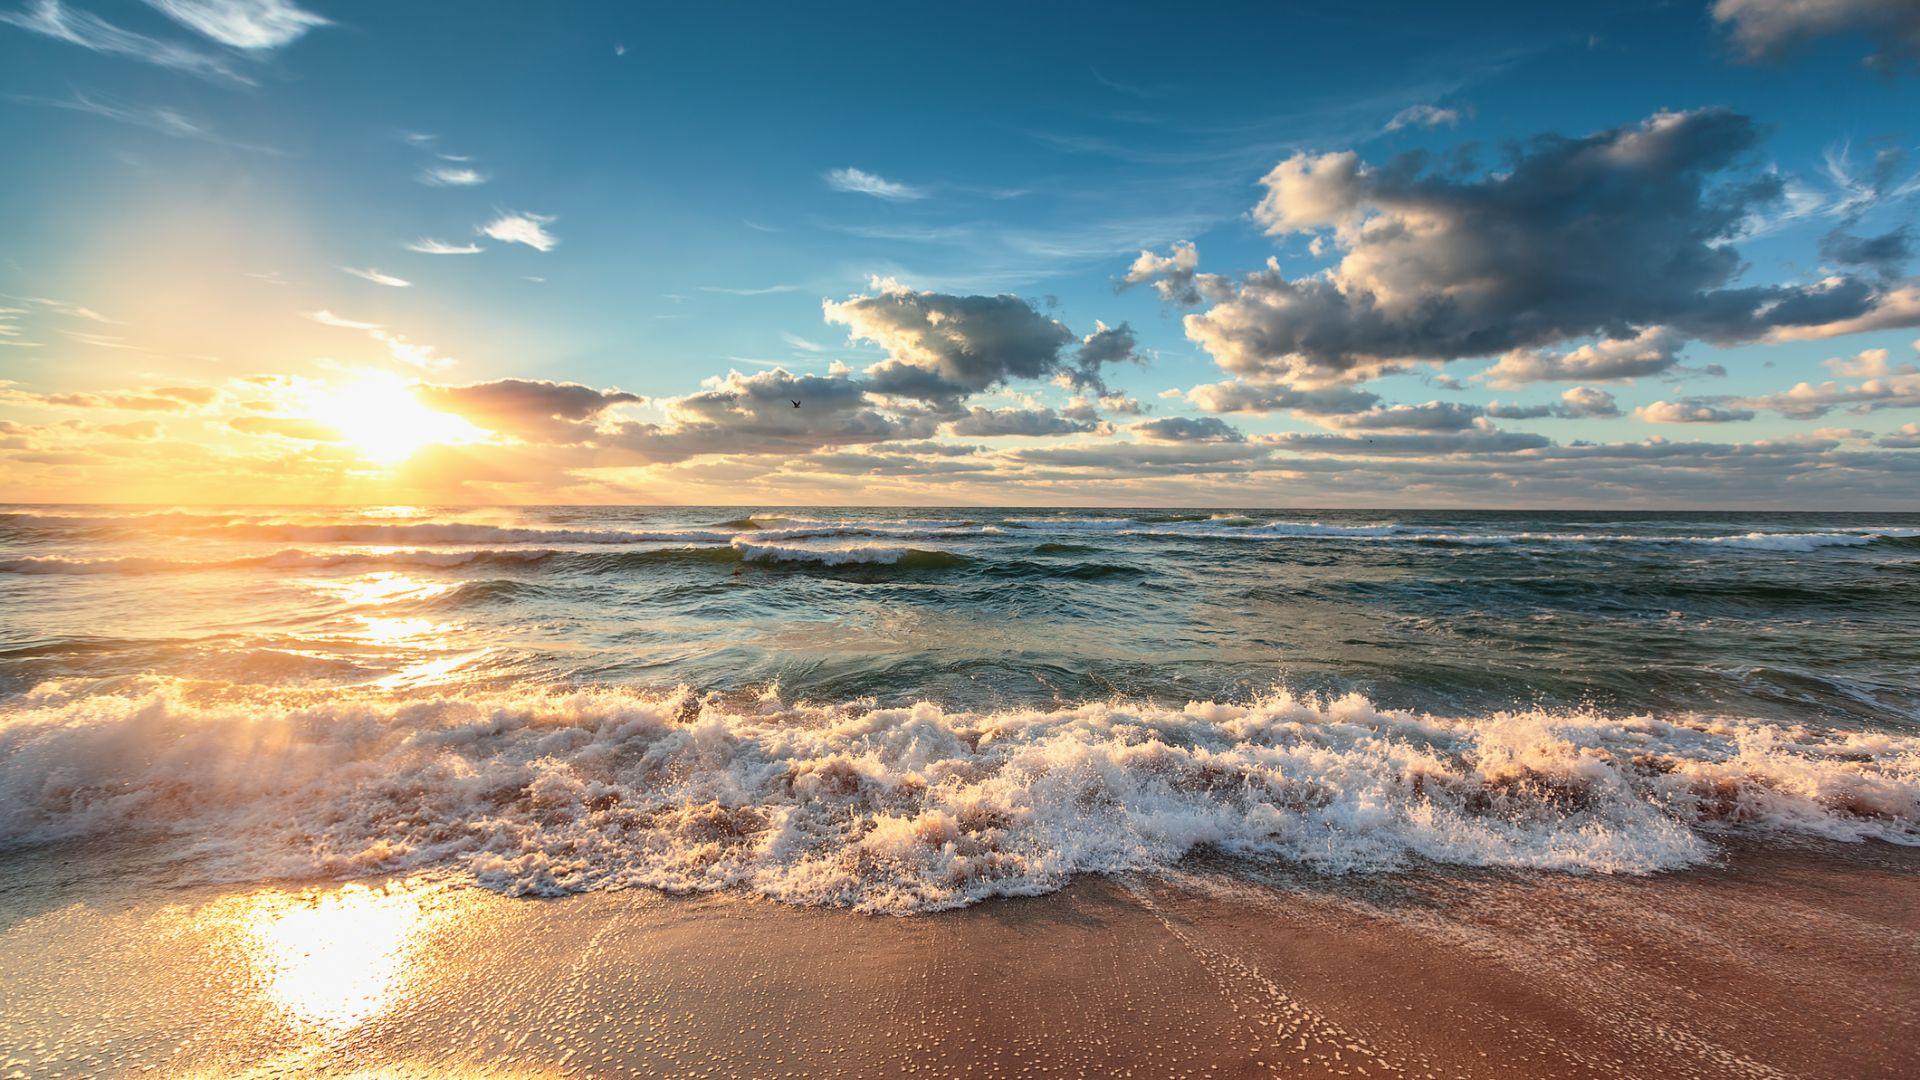 Идат няколко дни с летни температури, ще става дори за плаж